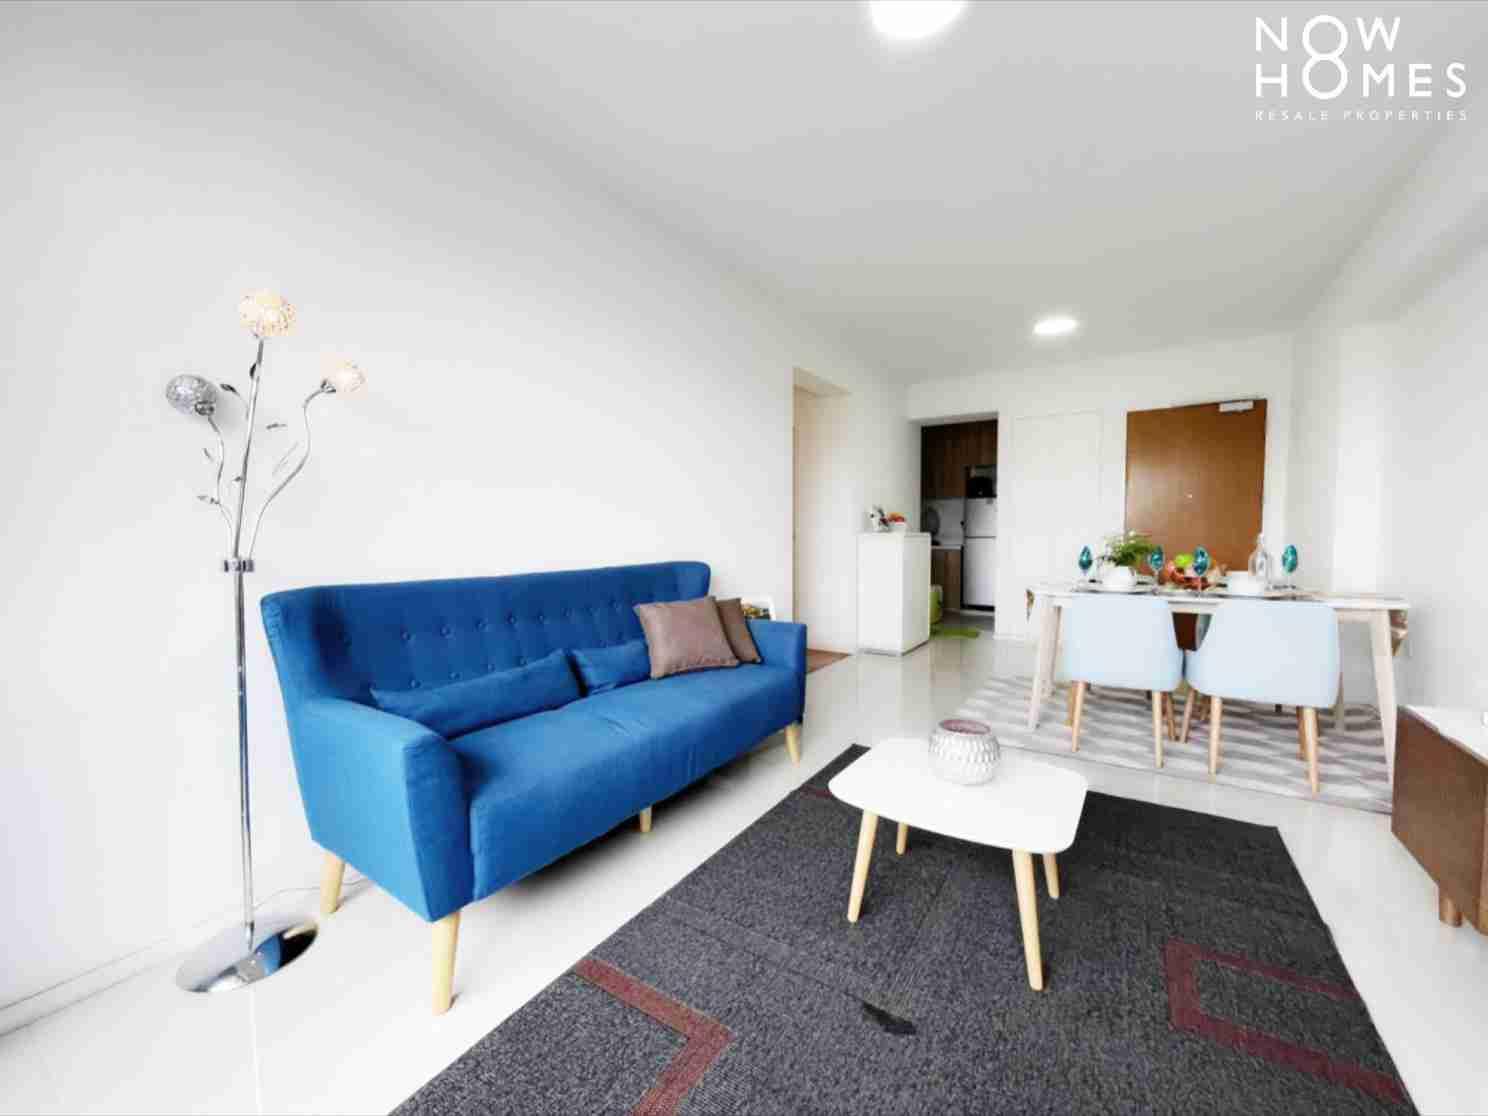 punggol resale property - 310B Punggol Walk - Living Room Corner View